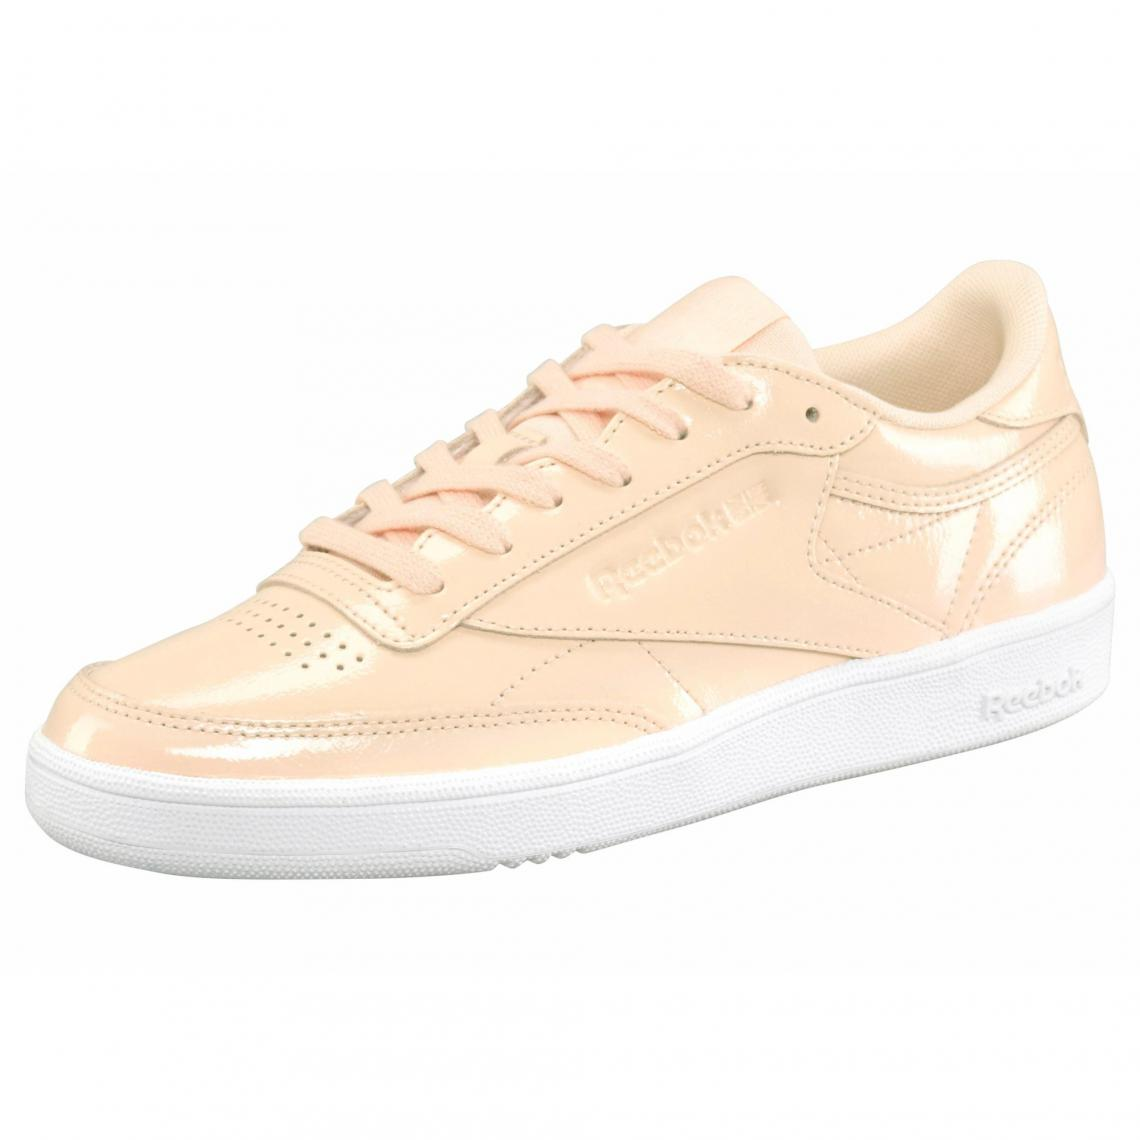 Sneakers en cuir verni brillant femme Classique Club C85 Patent Reebok Rose Plus de détails